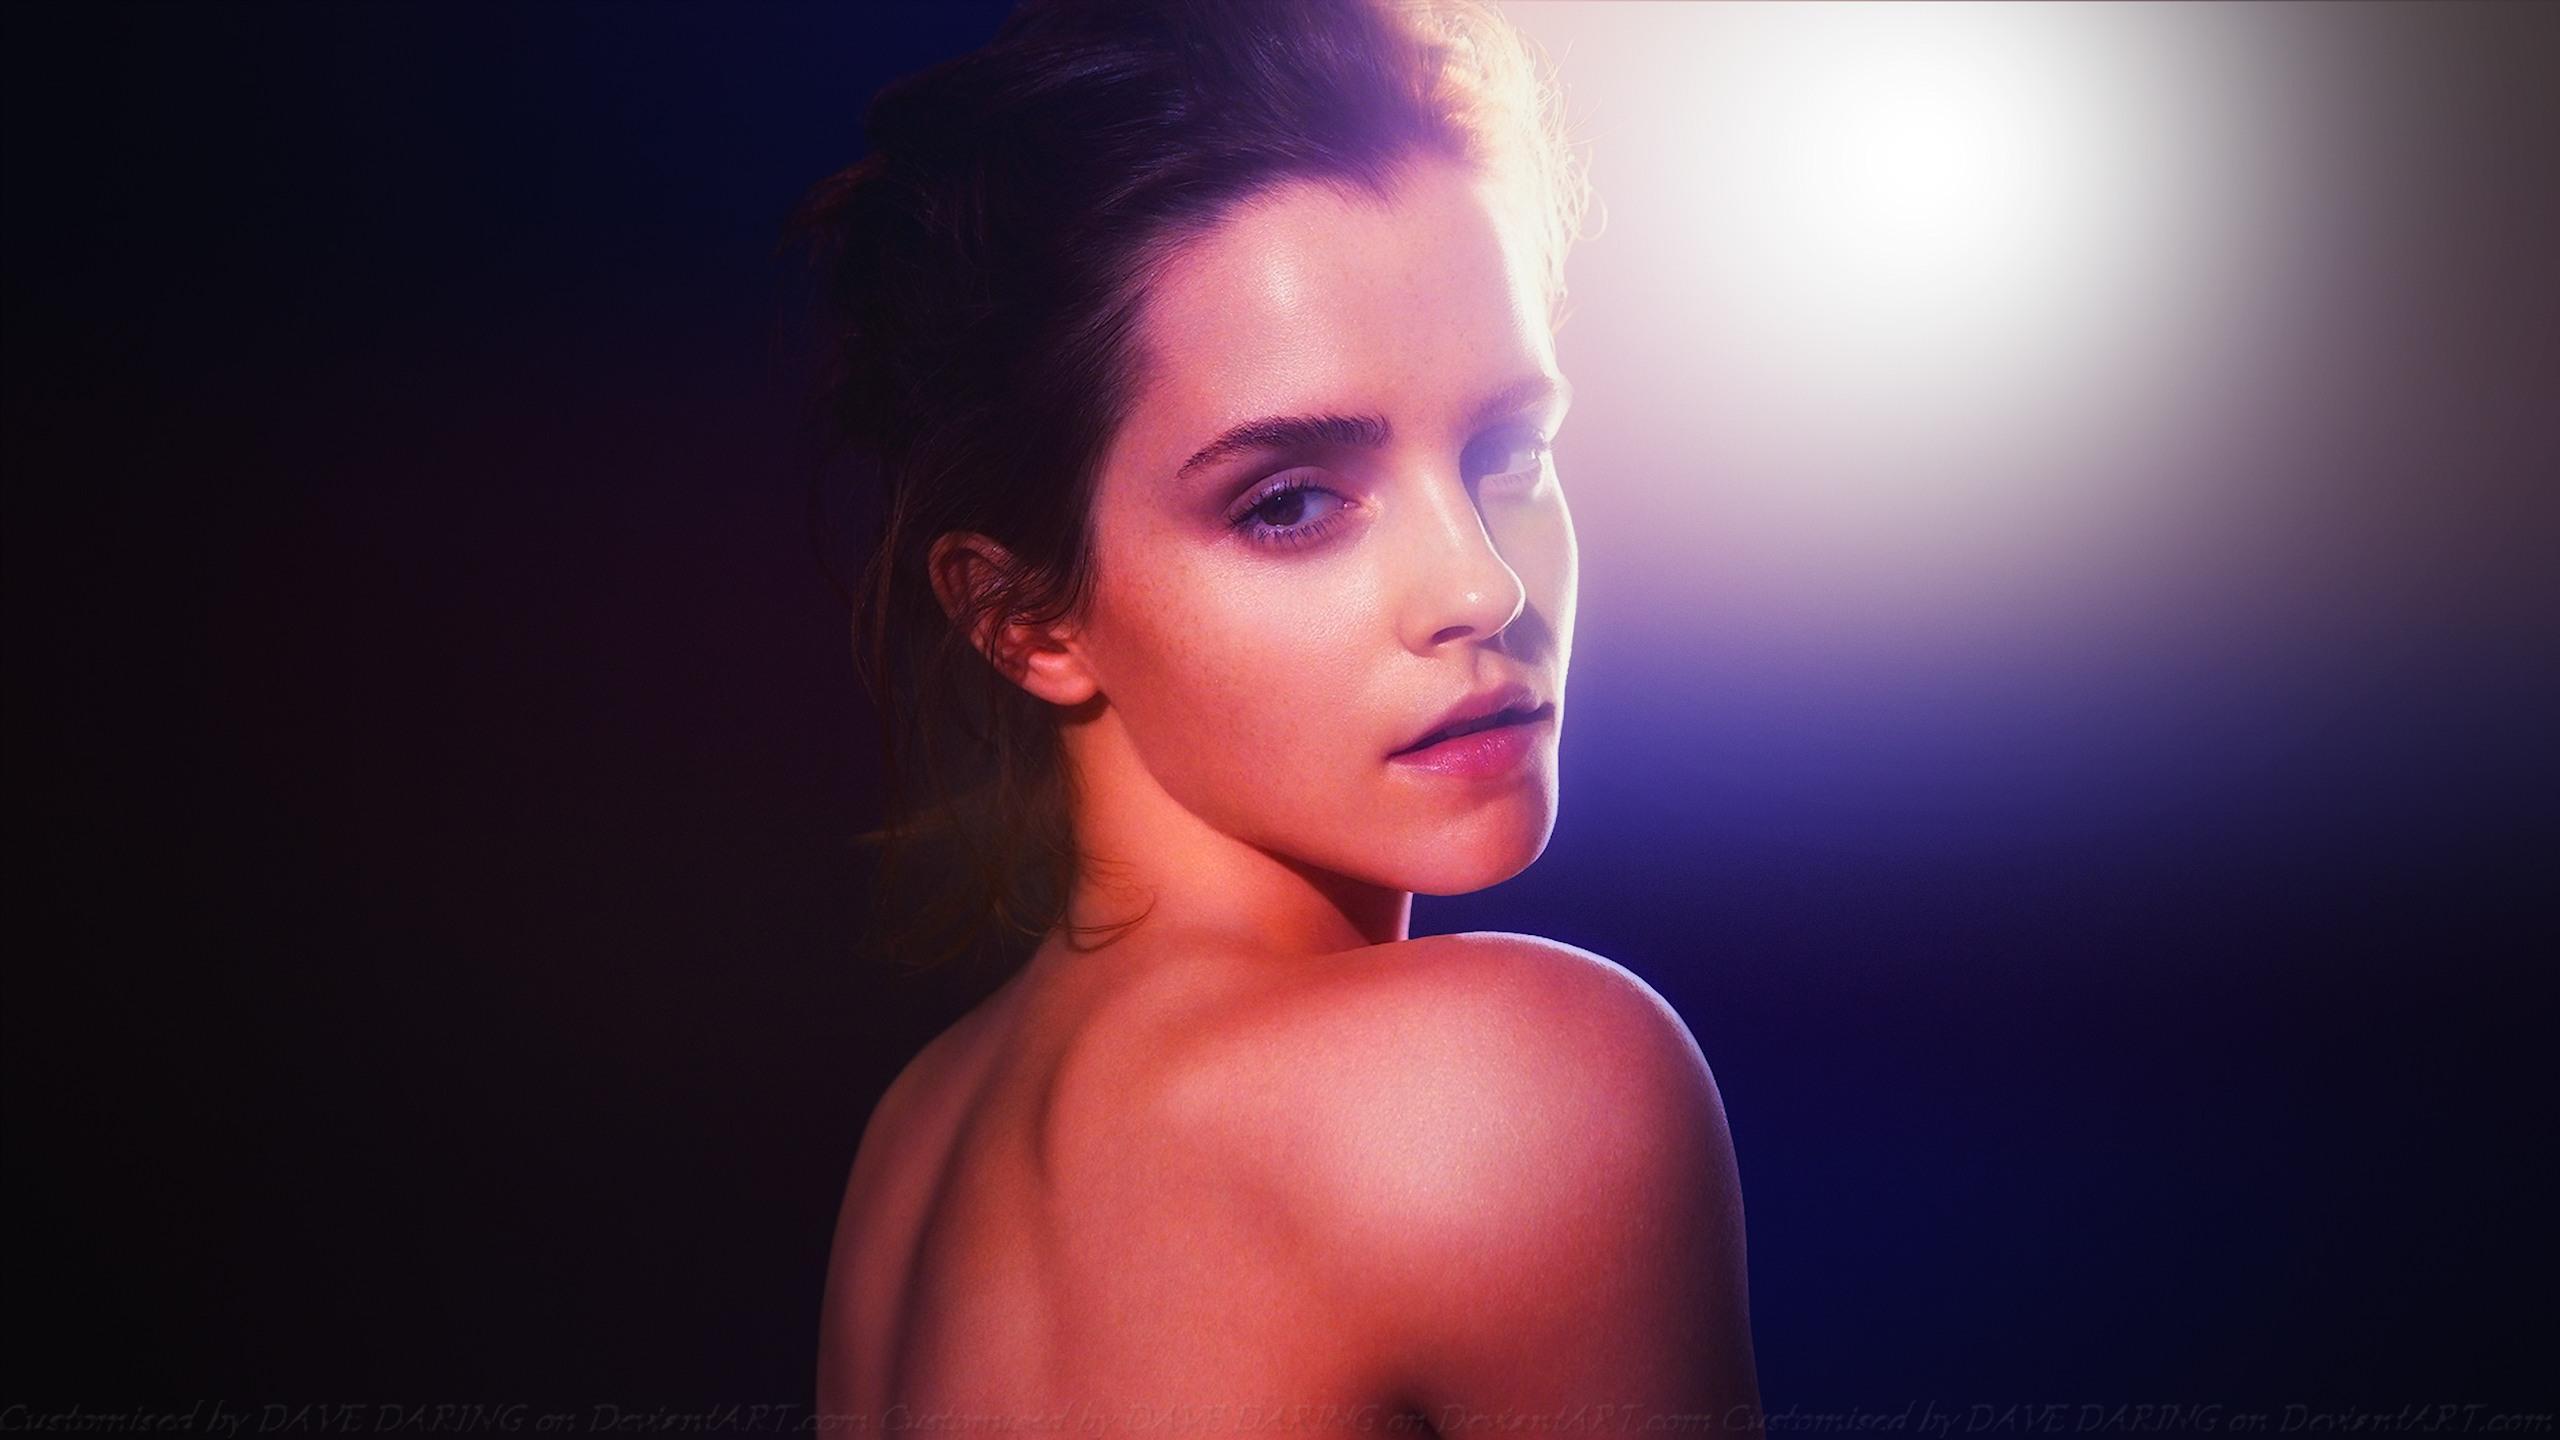 Emma-Watson-10-wallpapers--02.jpg